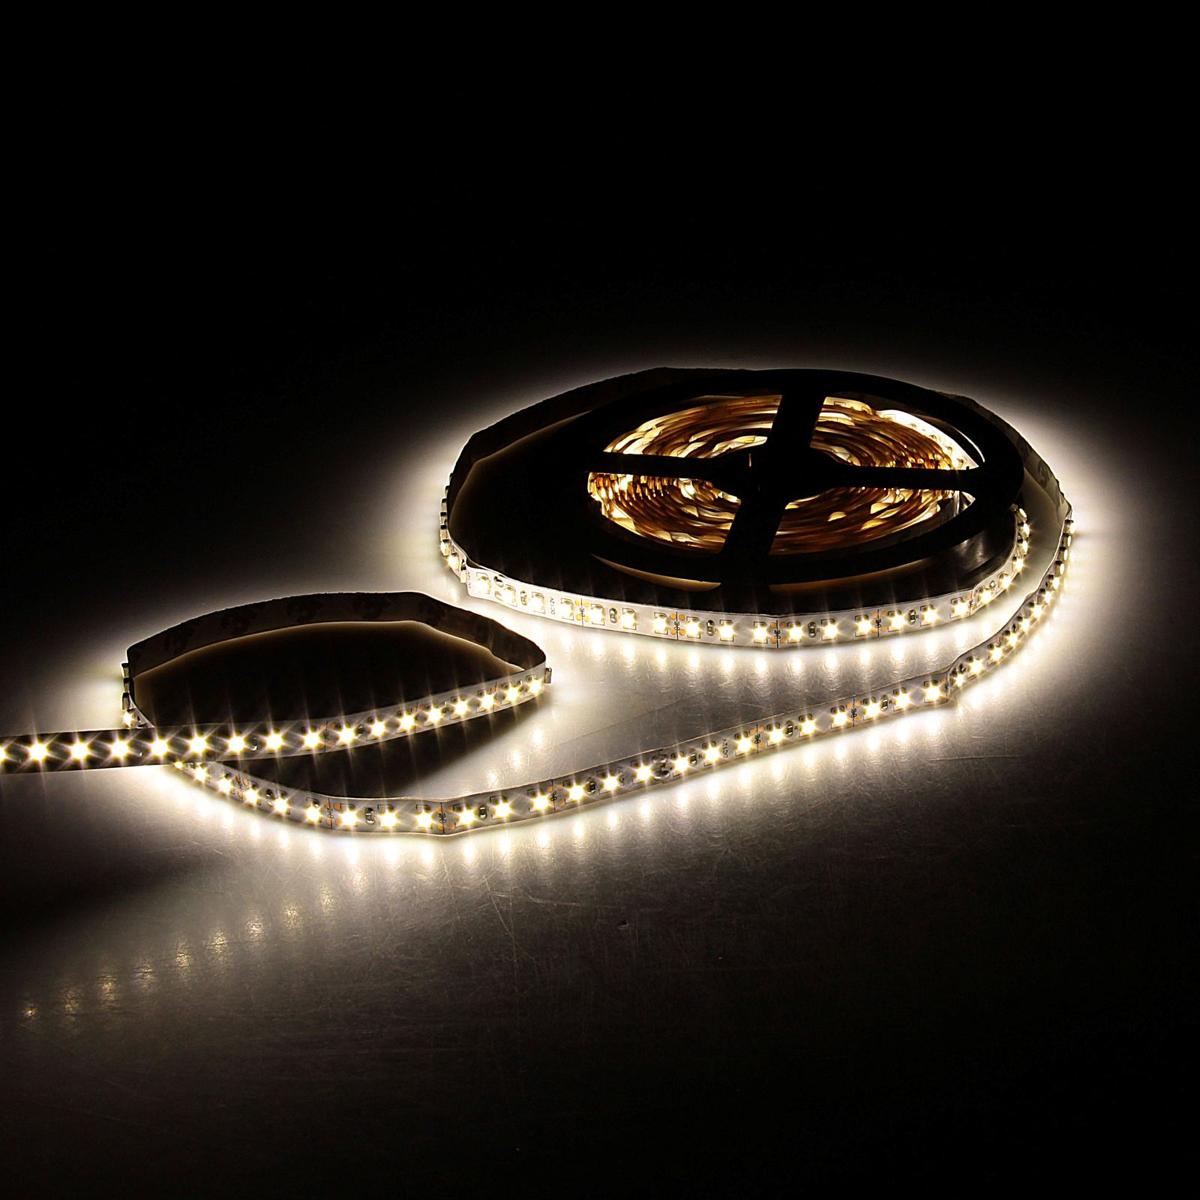 Светодиодная лента Sima-land, 12В, SMD3528, длина 5 м, IP33, 120 LED ламп, 9.6 Вт/м, 6-7 Лм/1 LED, DC, цвет: теплый белый. 848543848543Светодиодные гирлянды, ленты и т.д — это отличный вариант для новогоднего оформления интерьера или фасада. С их помощью помещение любого размера можно превратить в праздничный зал, а внешние элементы зданий, украшенные ими, мгновенно станут напоминать очертания сказочного дворца. Такие украшения создают ауру предвкушения чуда. Деревья, фасады, витрины, окна и арки будто специально созданы, чтобы вы украсили их светящимися нитями.